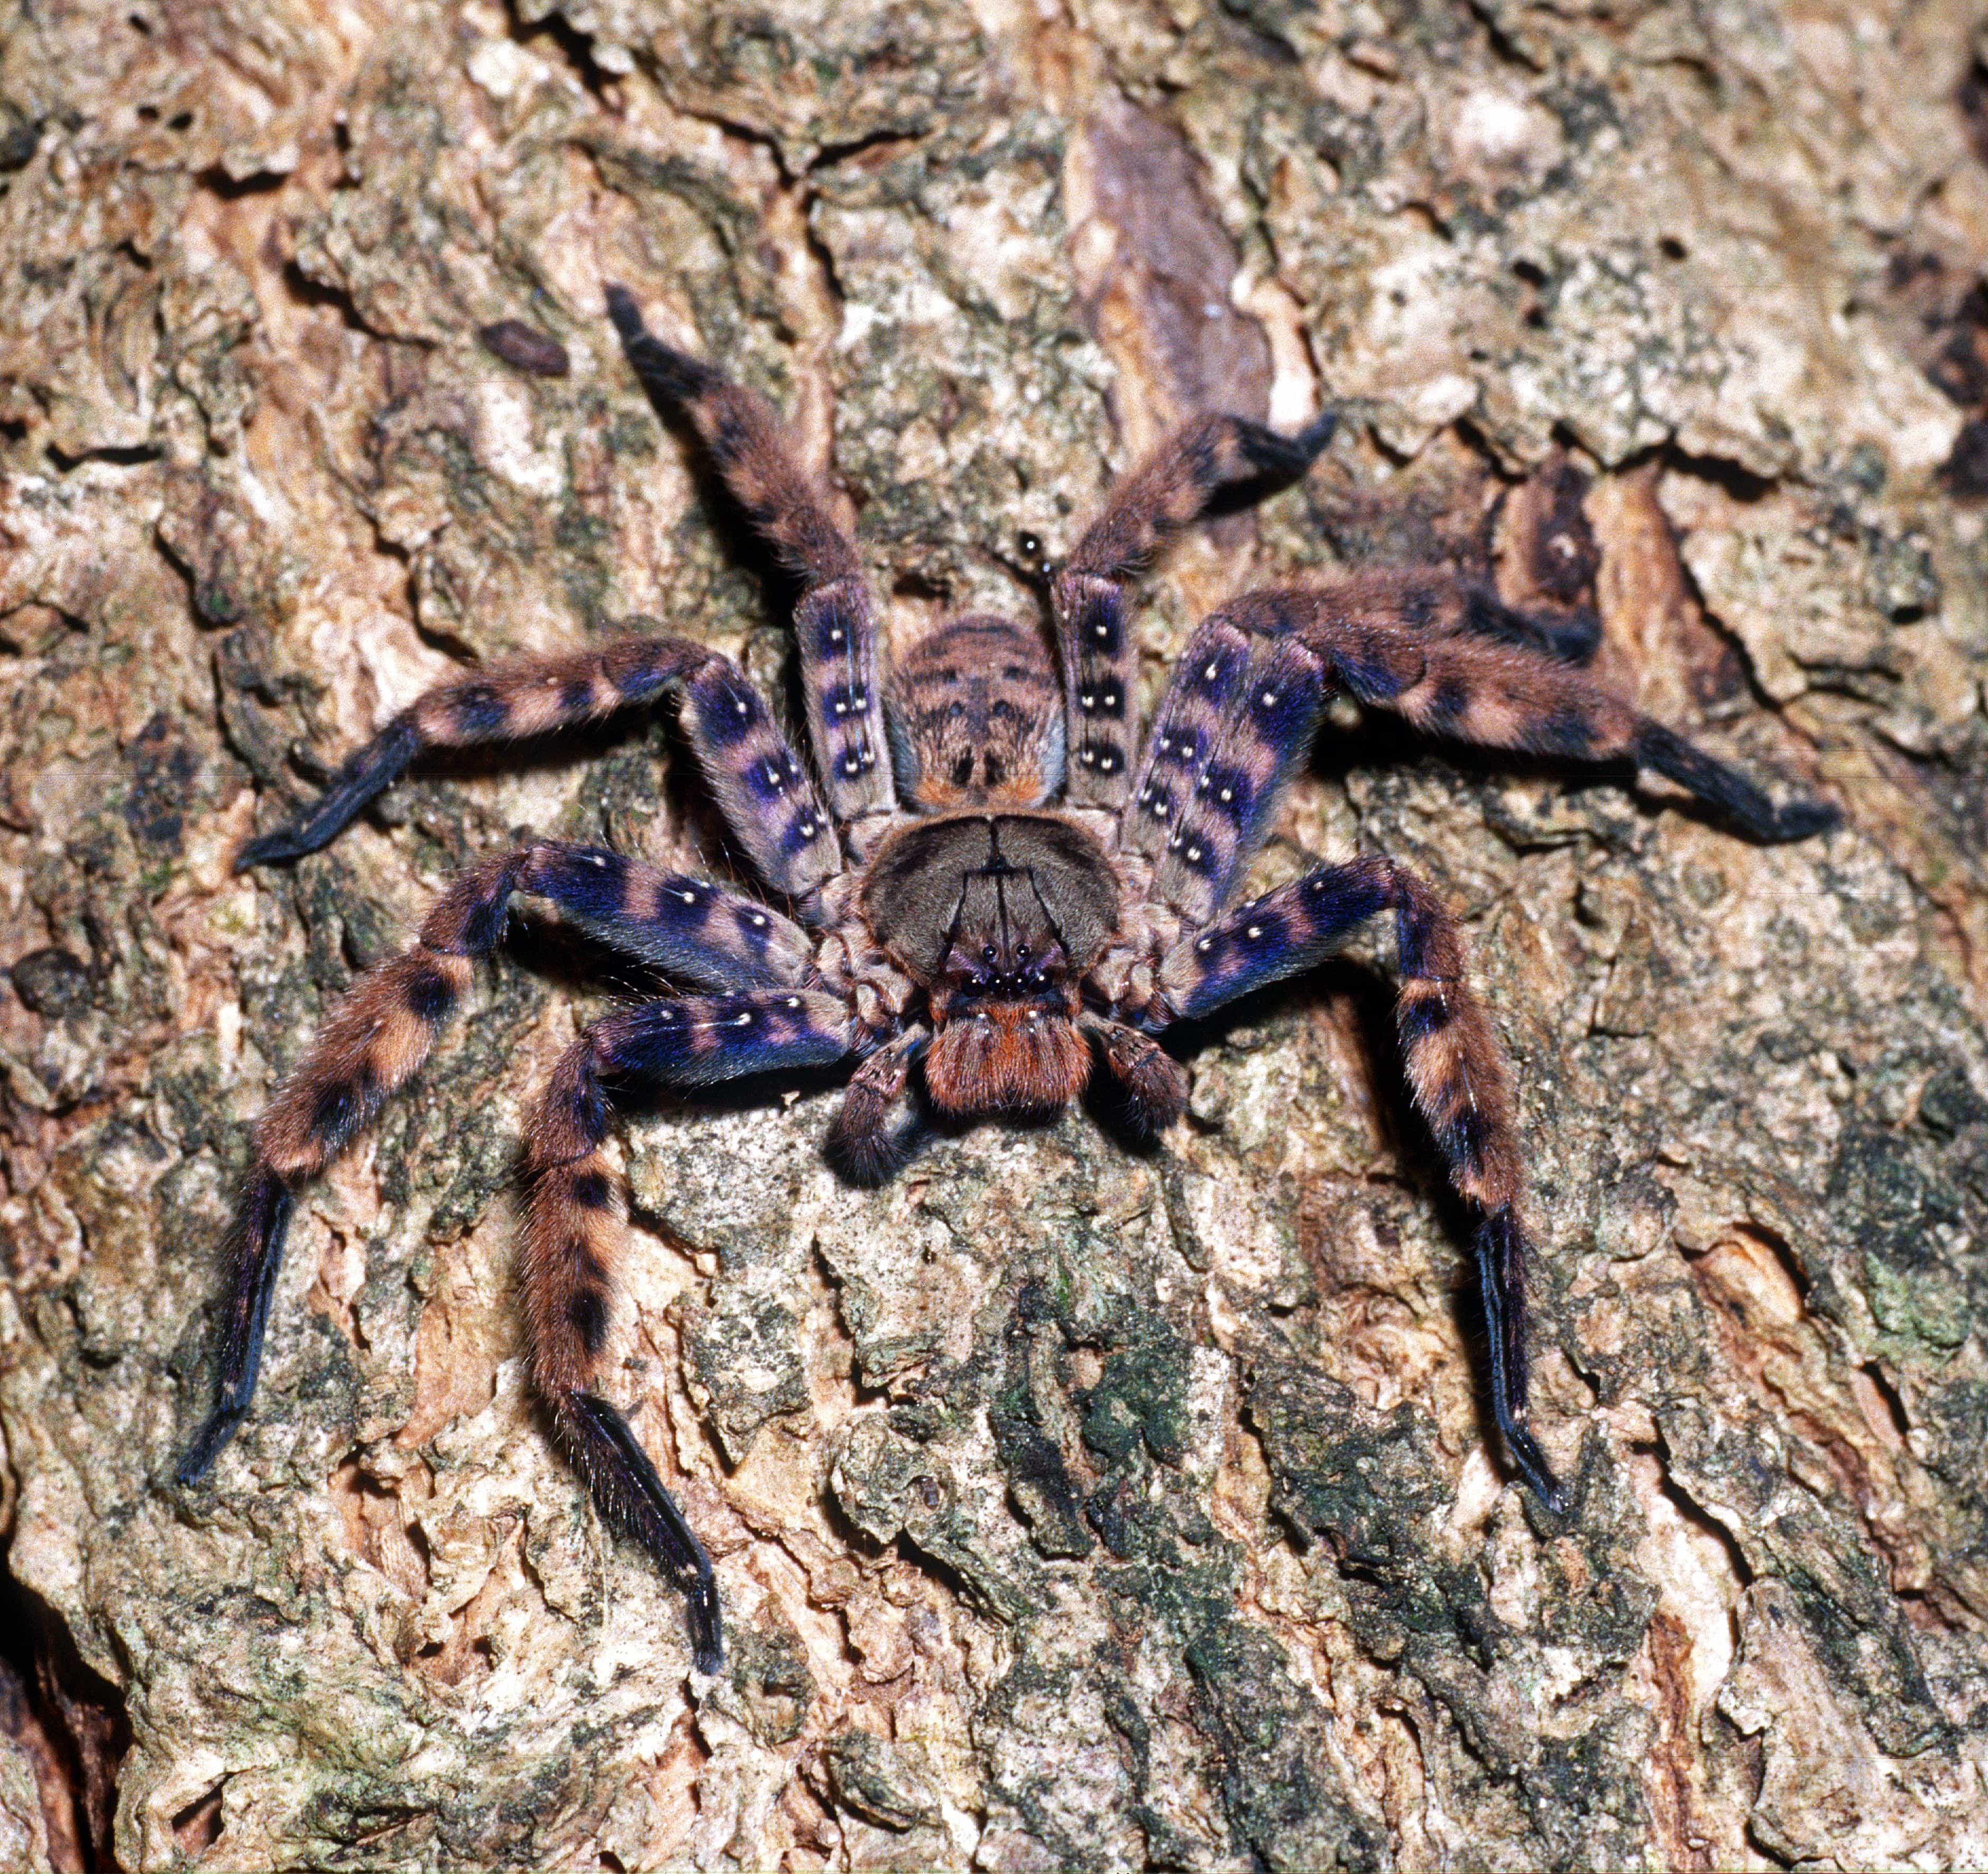 Picture of Heteropoda lunula - Female - Dorsal